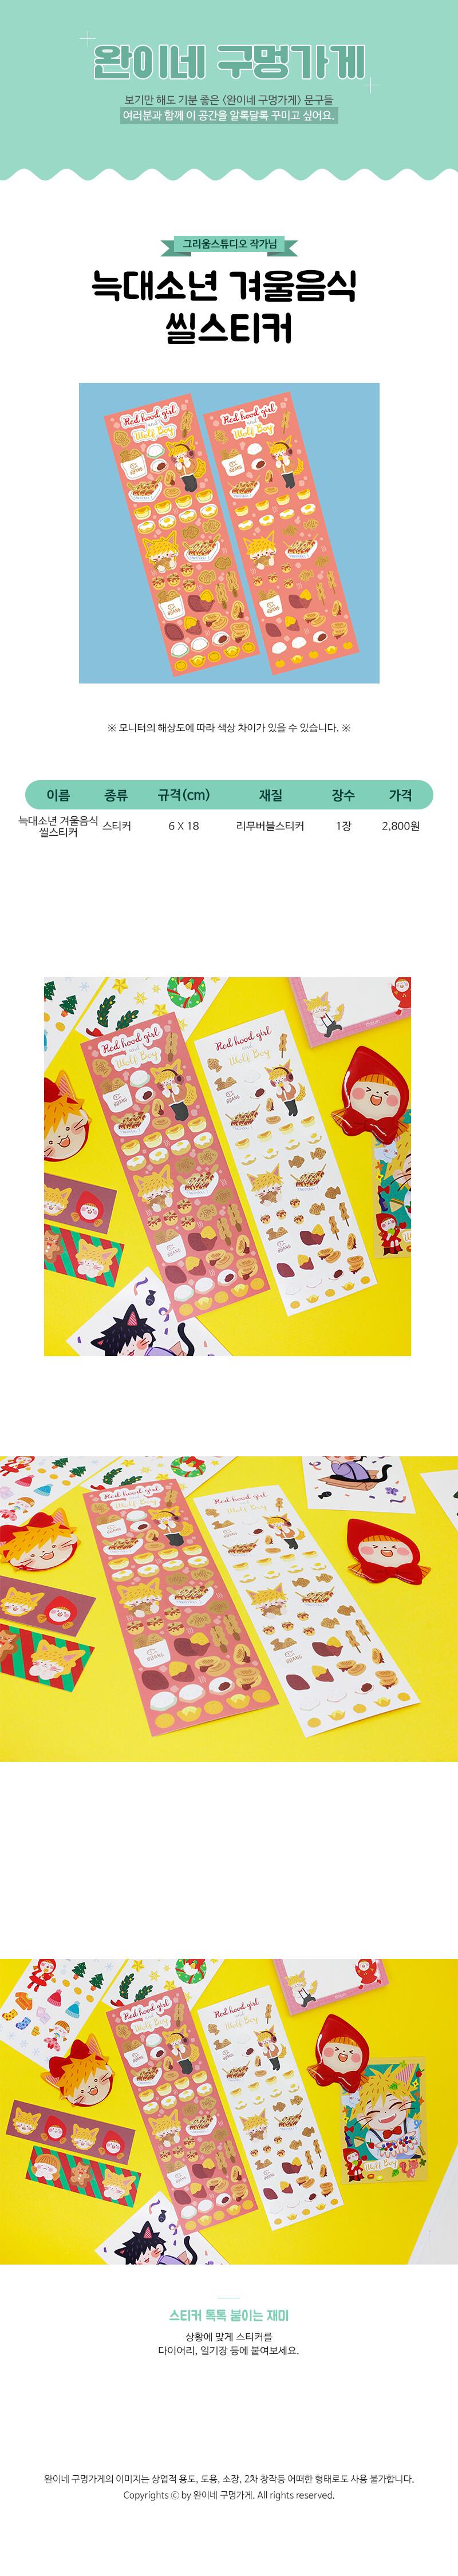 sticker900